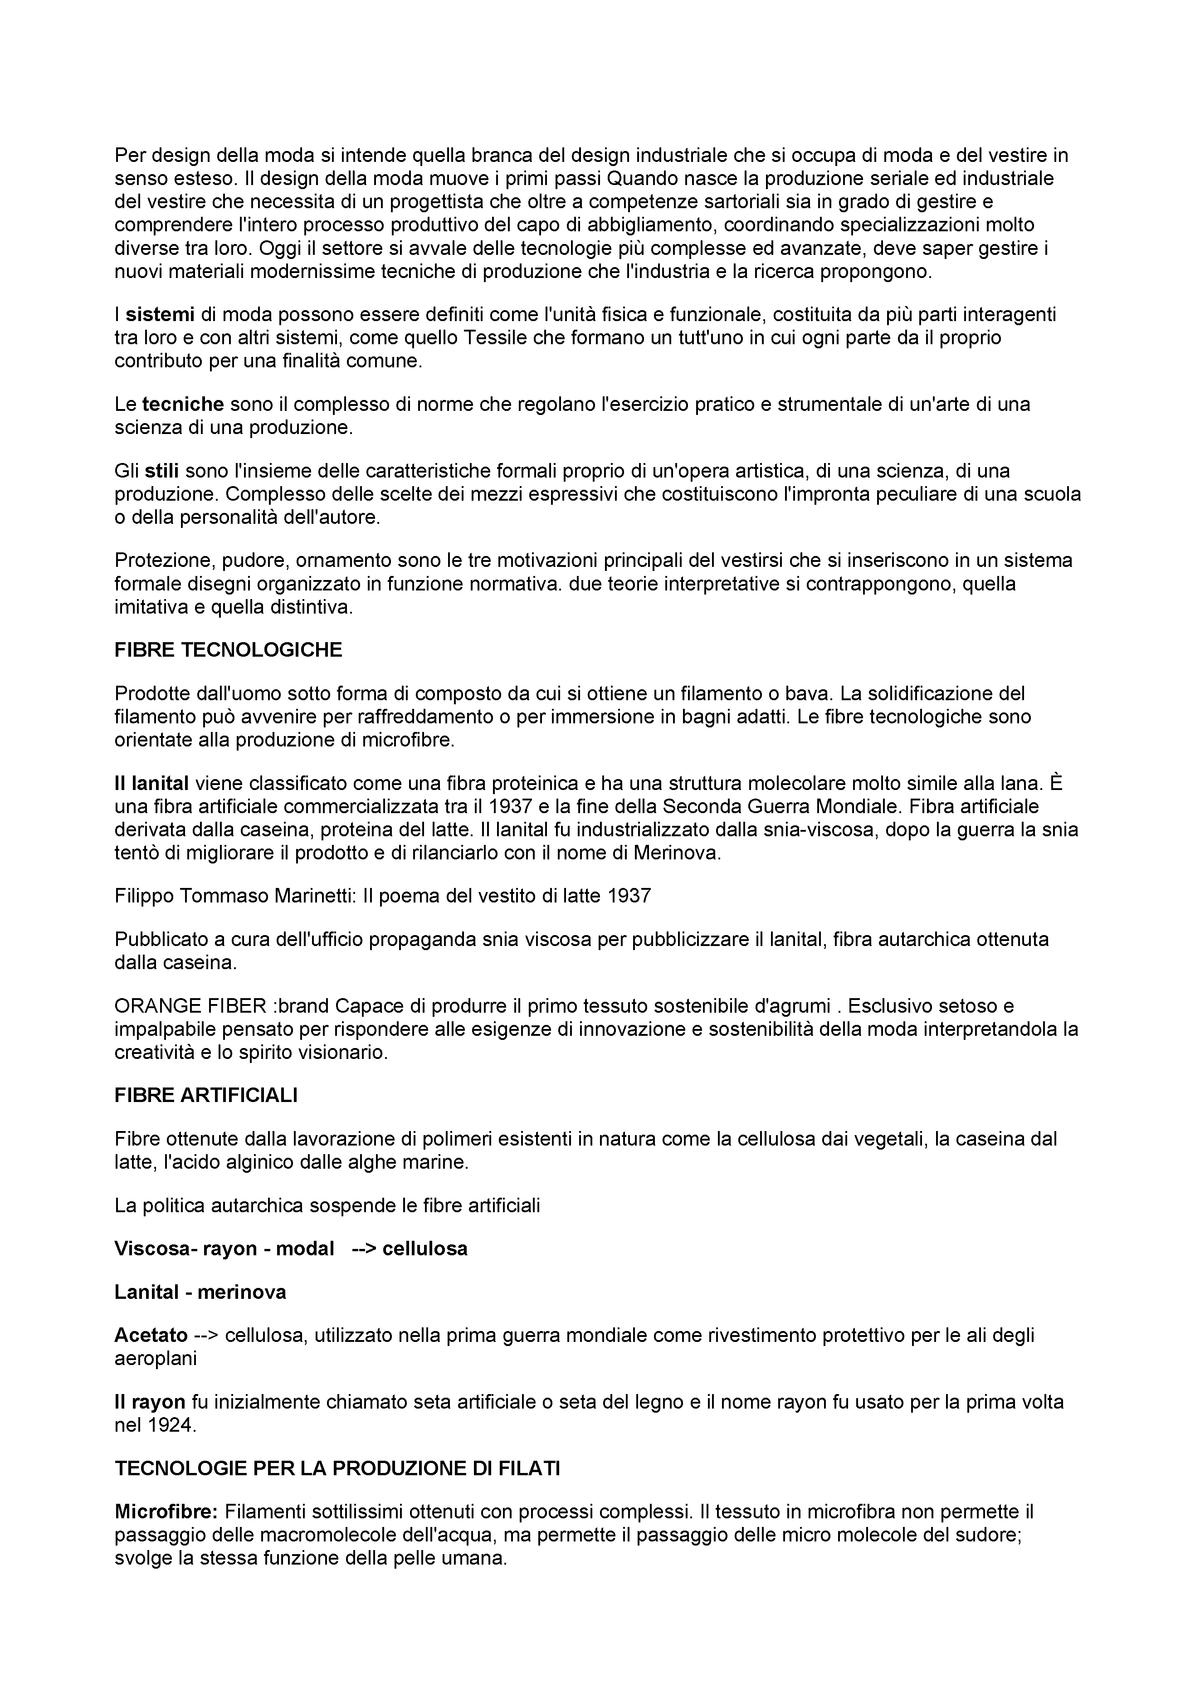 Le Fibre Del Legno sistemi tecniche stili - 1023872 - uniroma1 - studocu